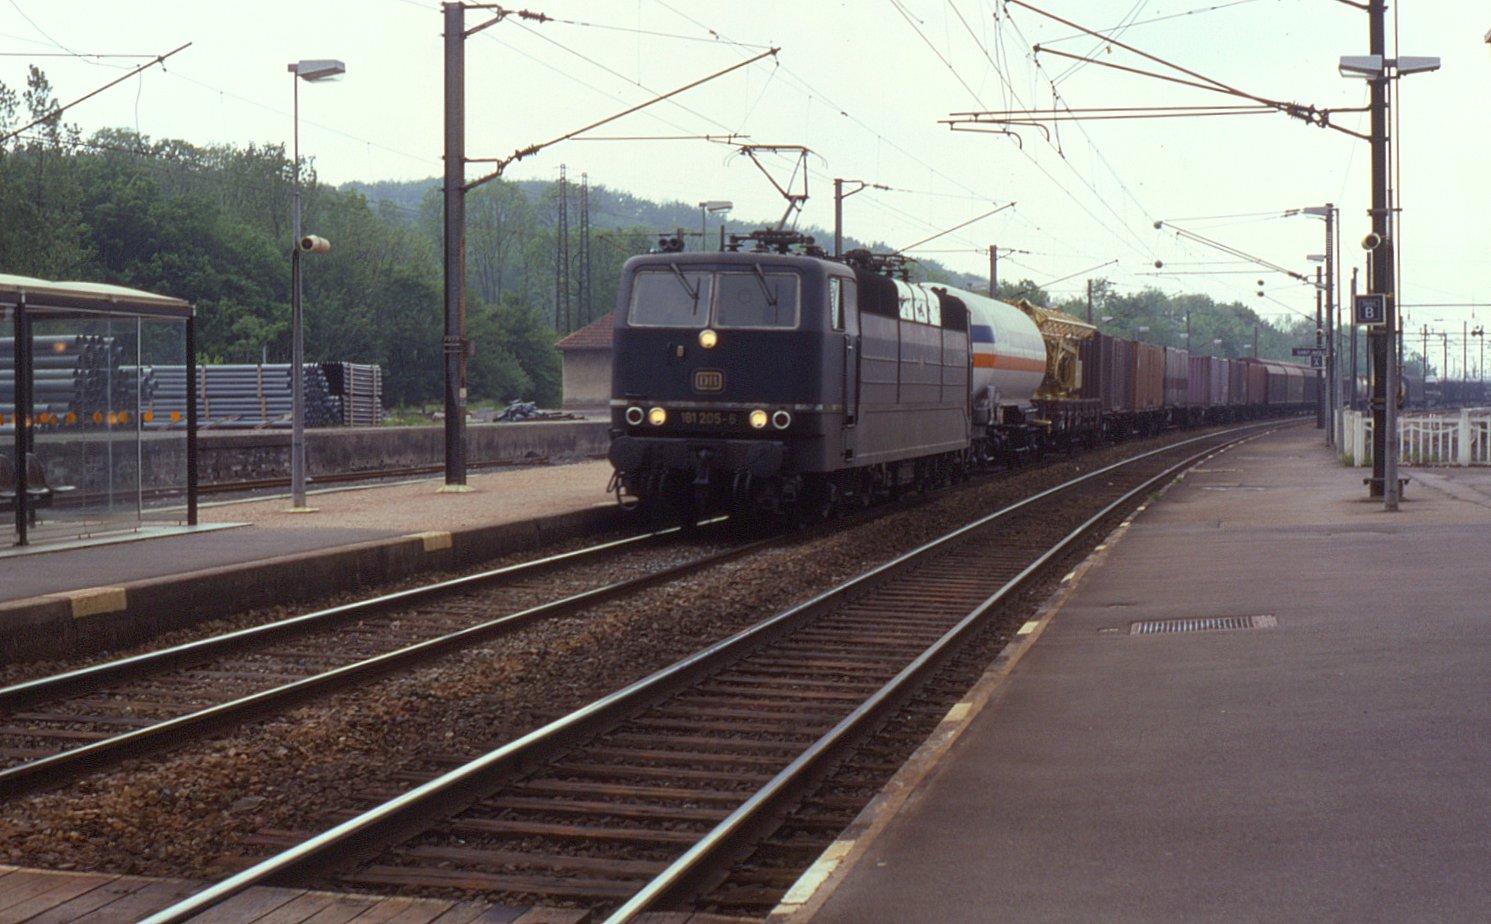 Saint-Avold-train-station